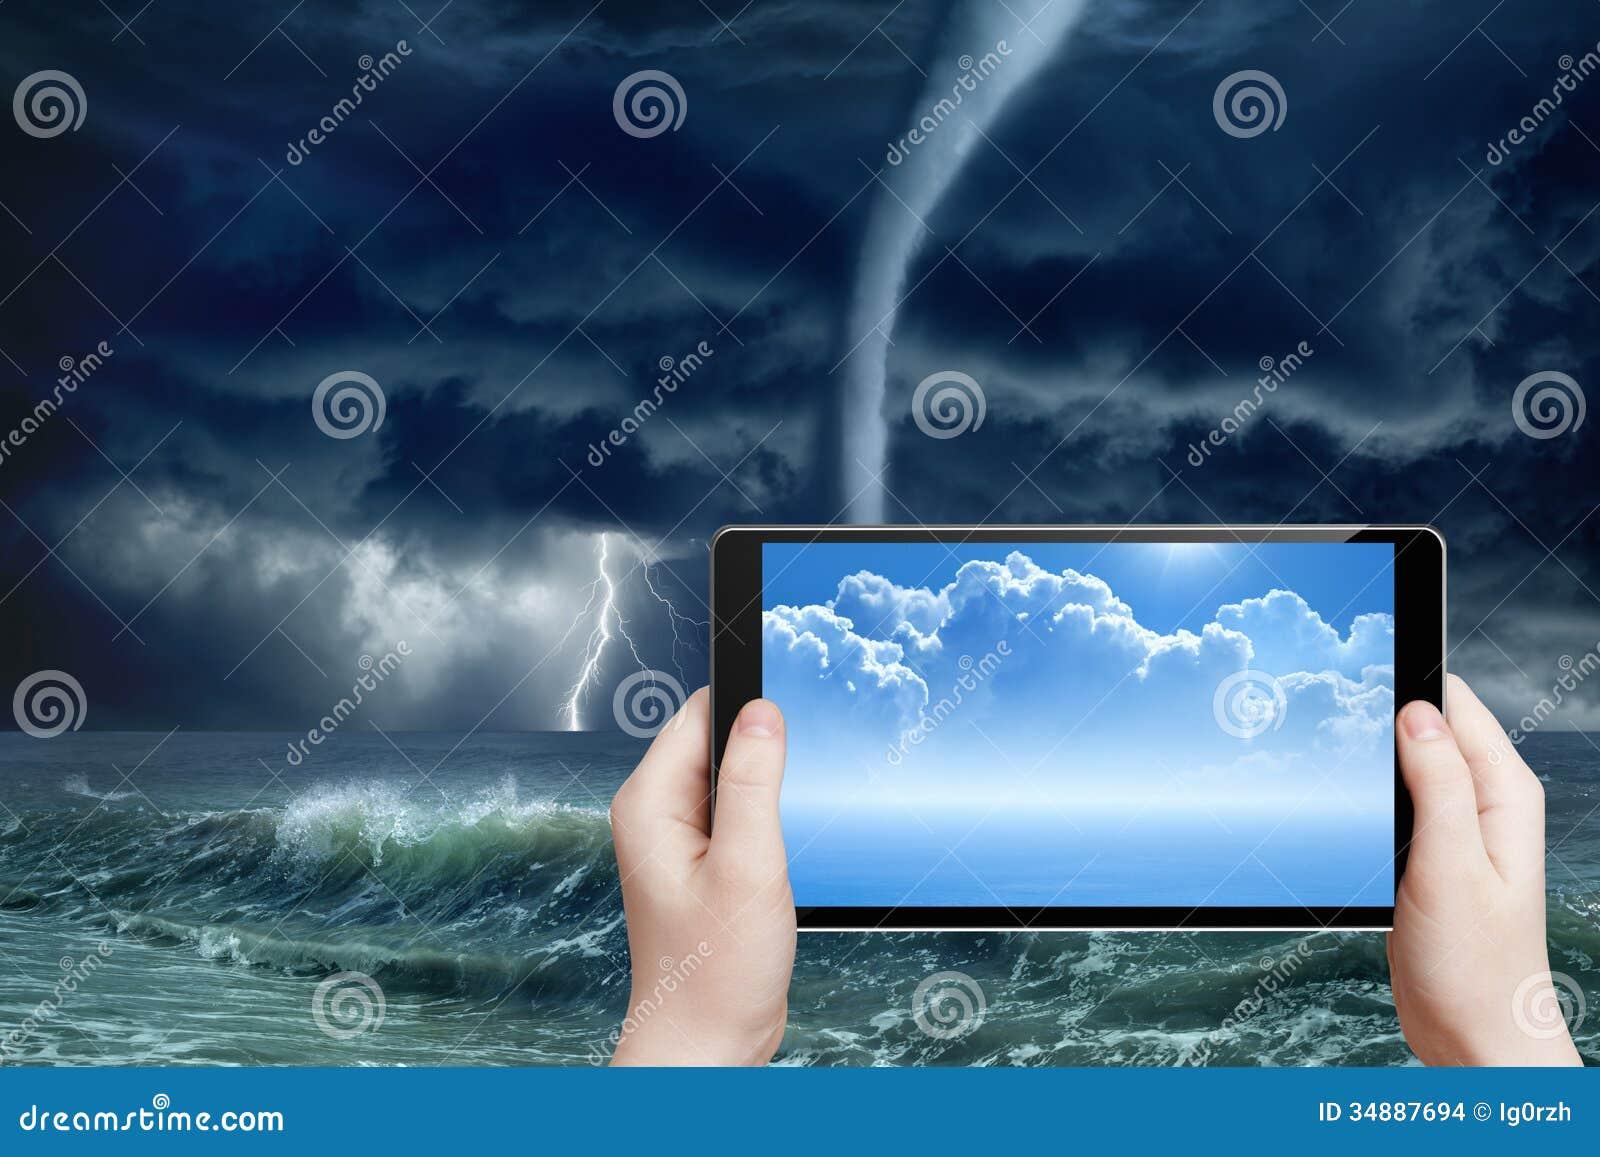 Prévisions météorologiques, réalité augmentée